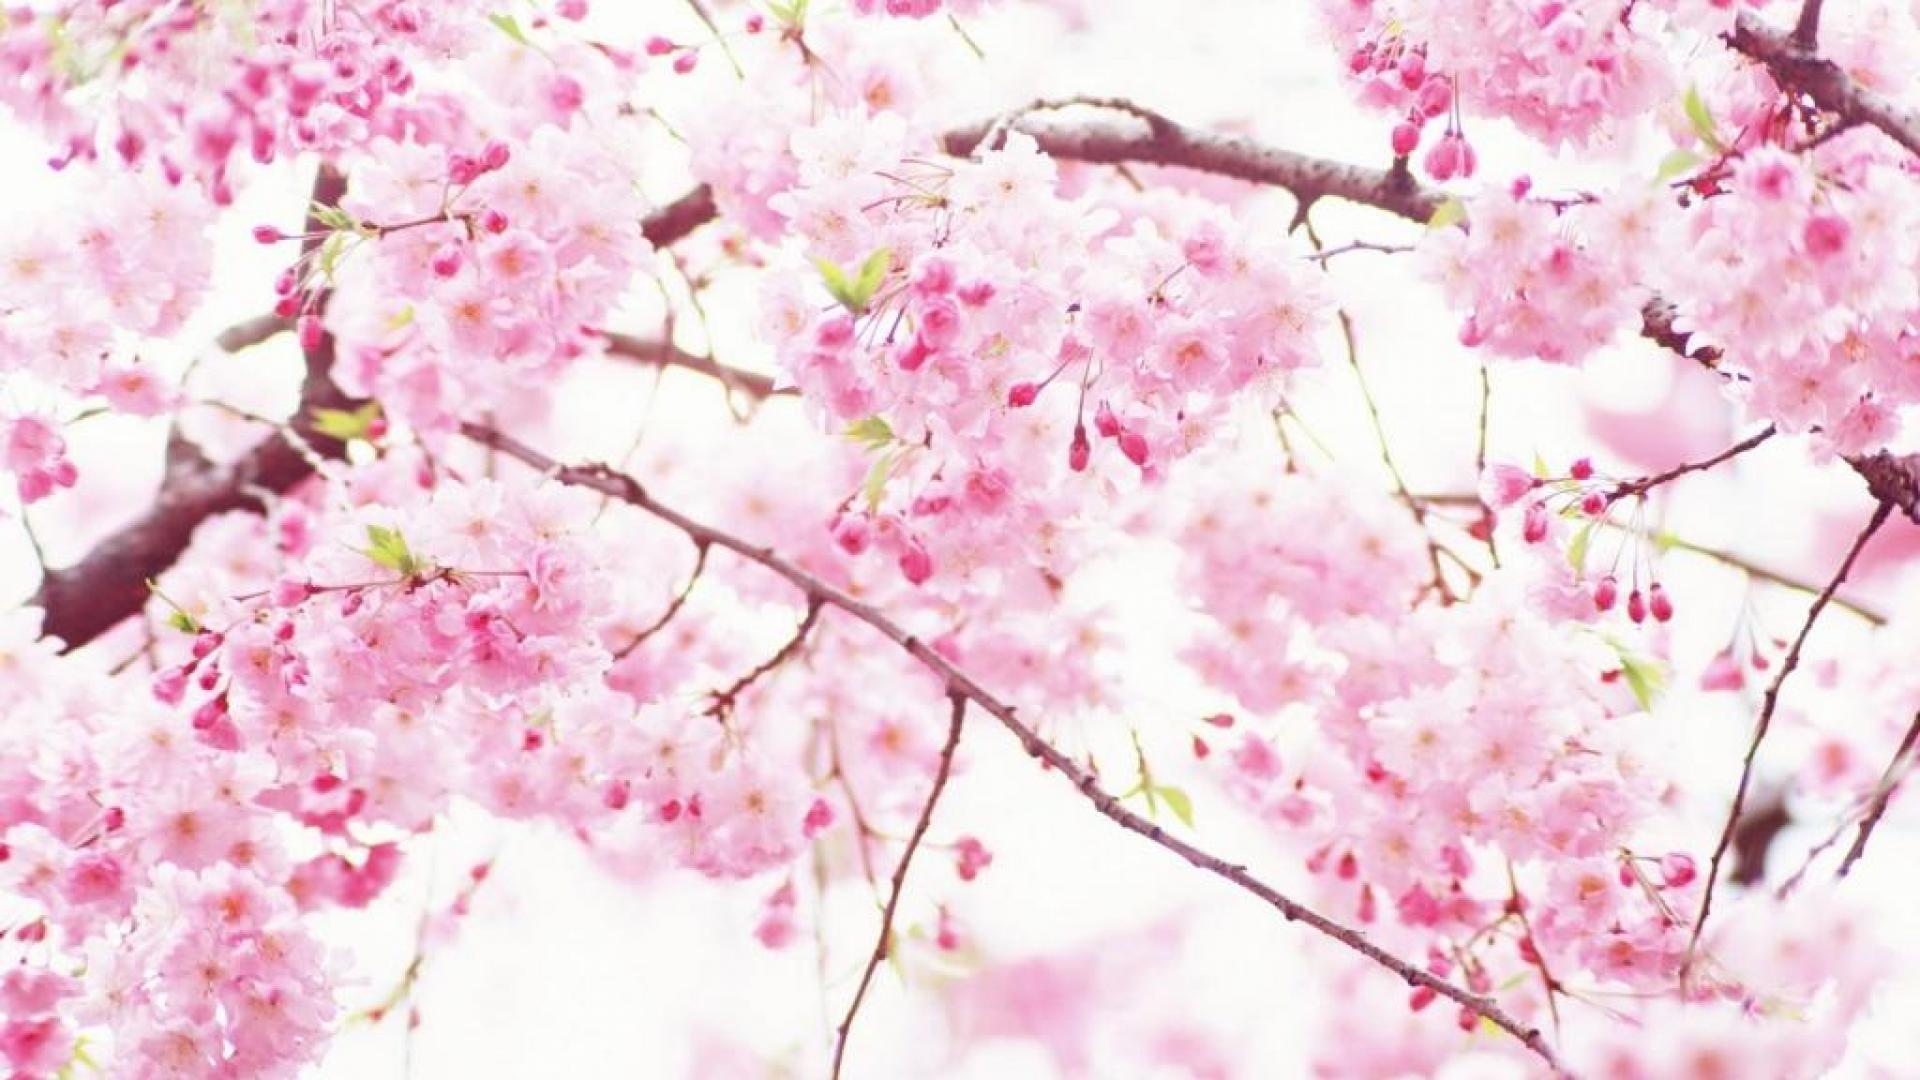 ebdebf3dffadde-flowers-for-you-green-garden-wallpaper-wp3605308